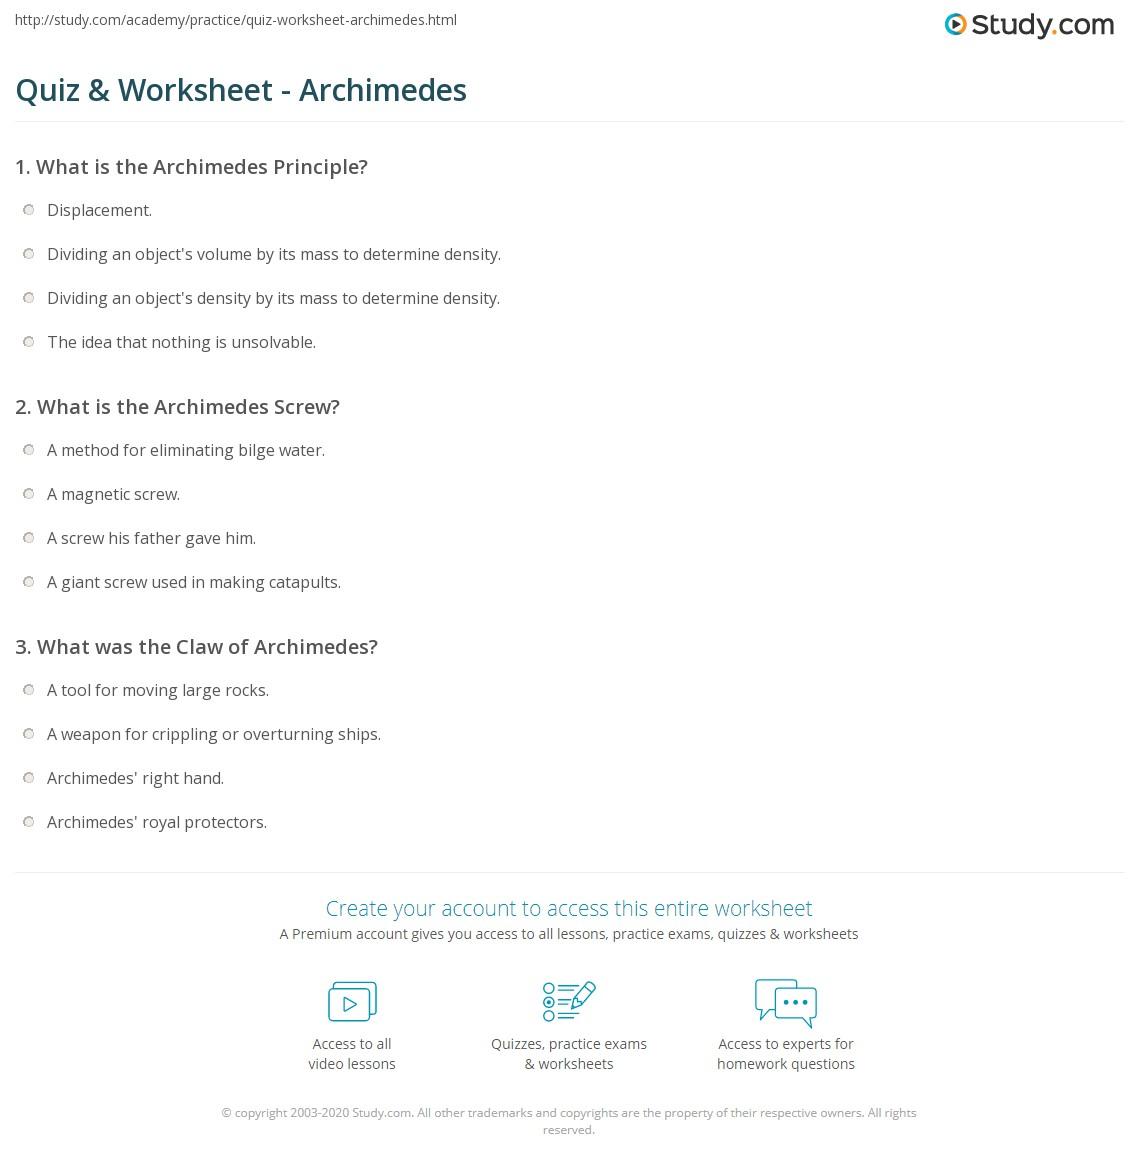 Quiz & Worksheet Archimedes